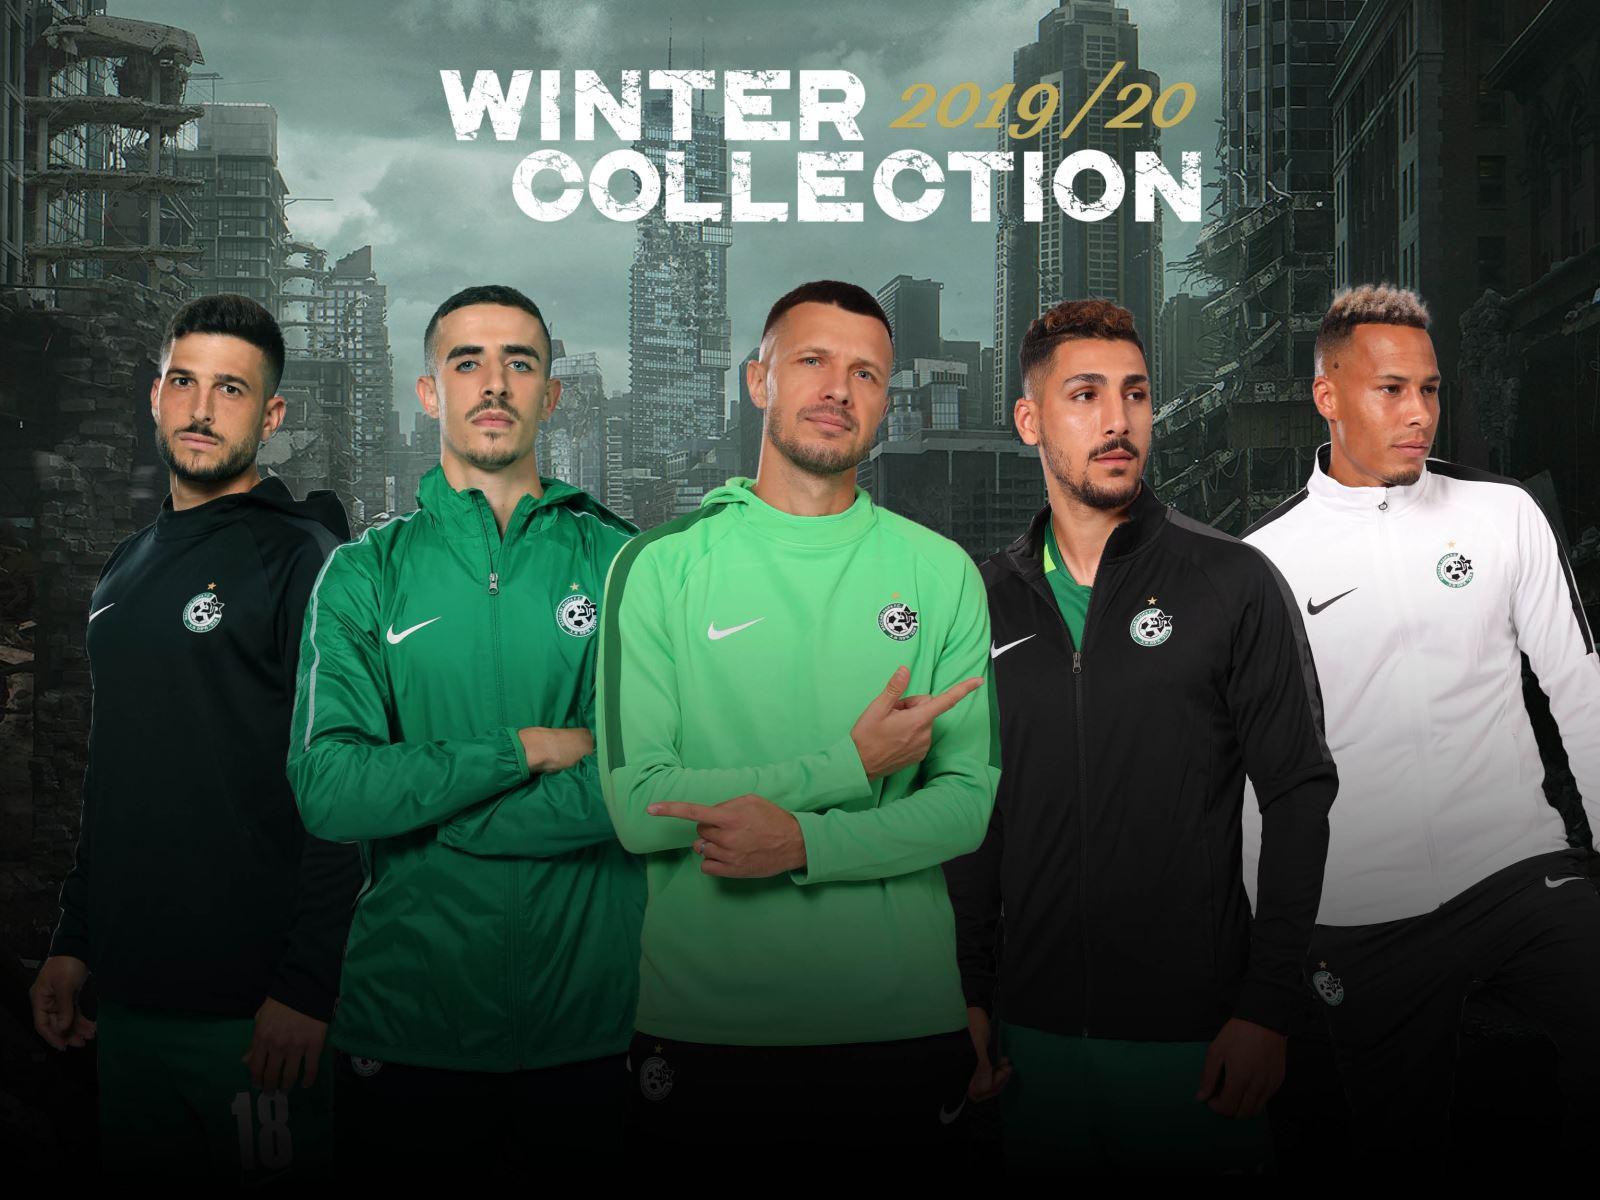 קולקציית החורף לעונת 2019/20